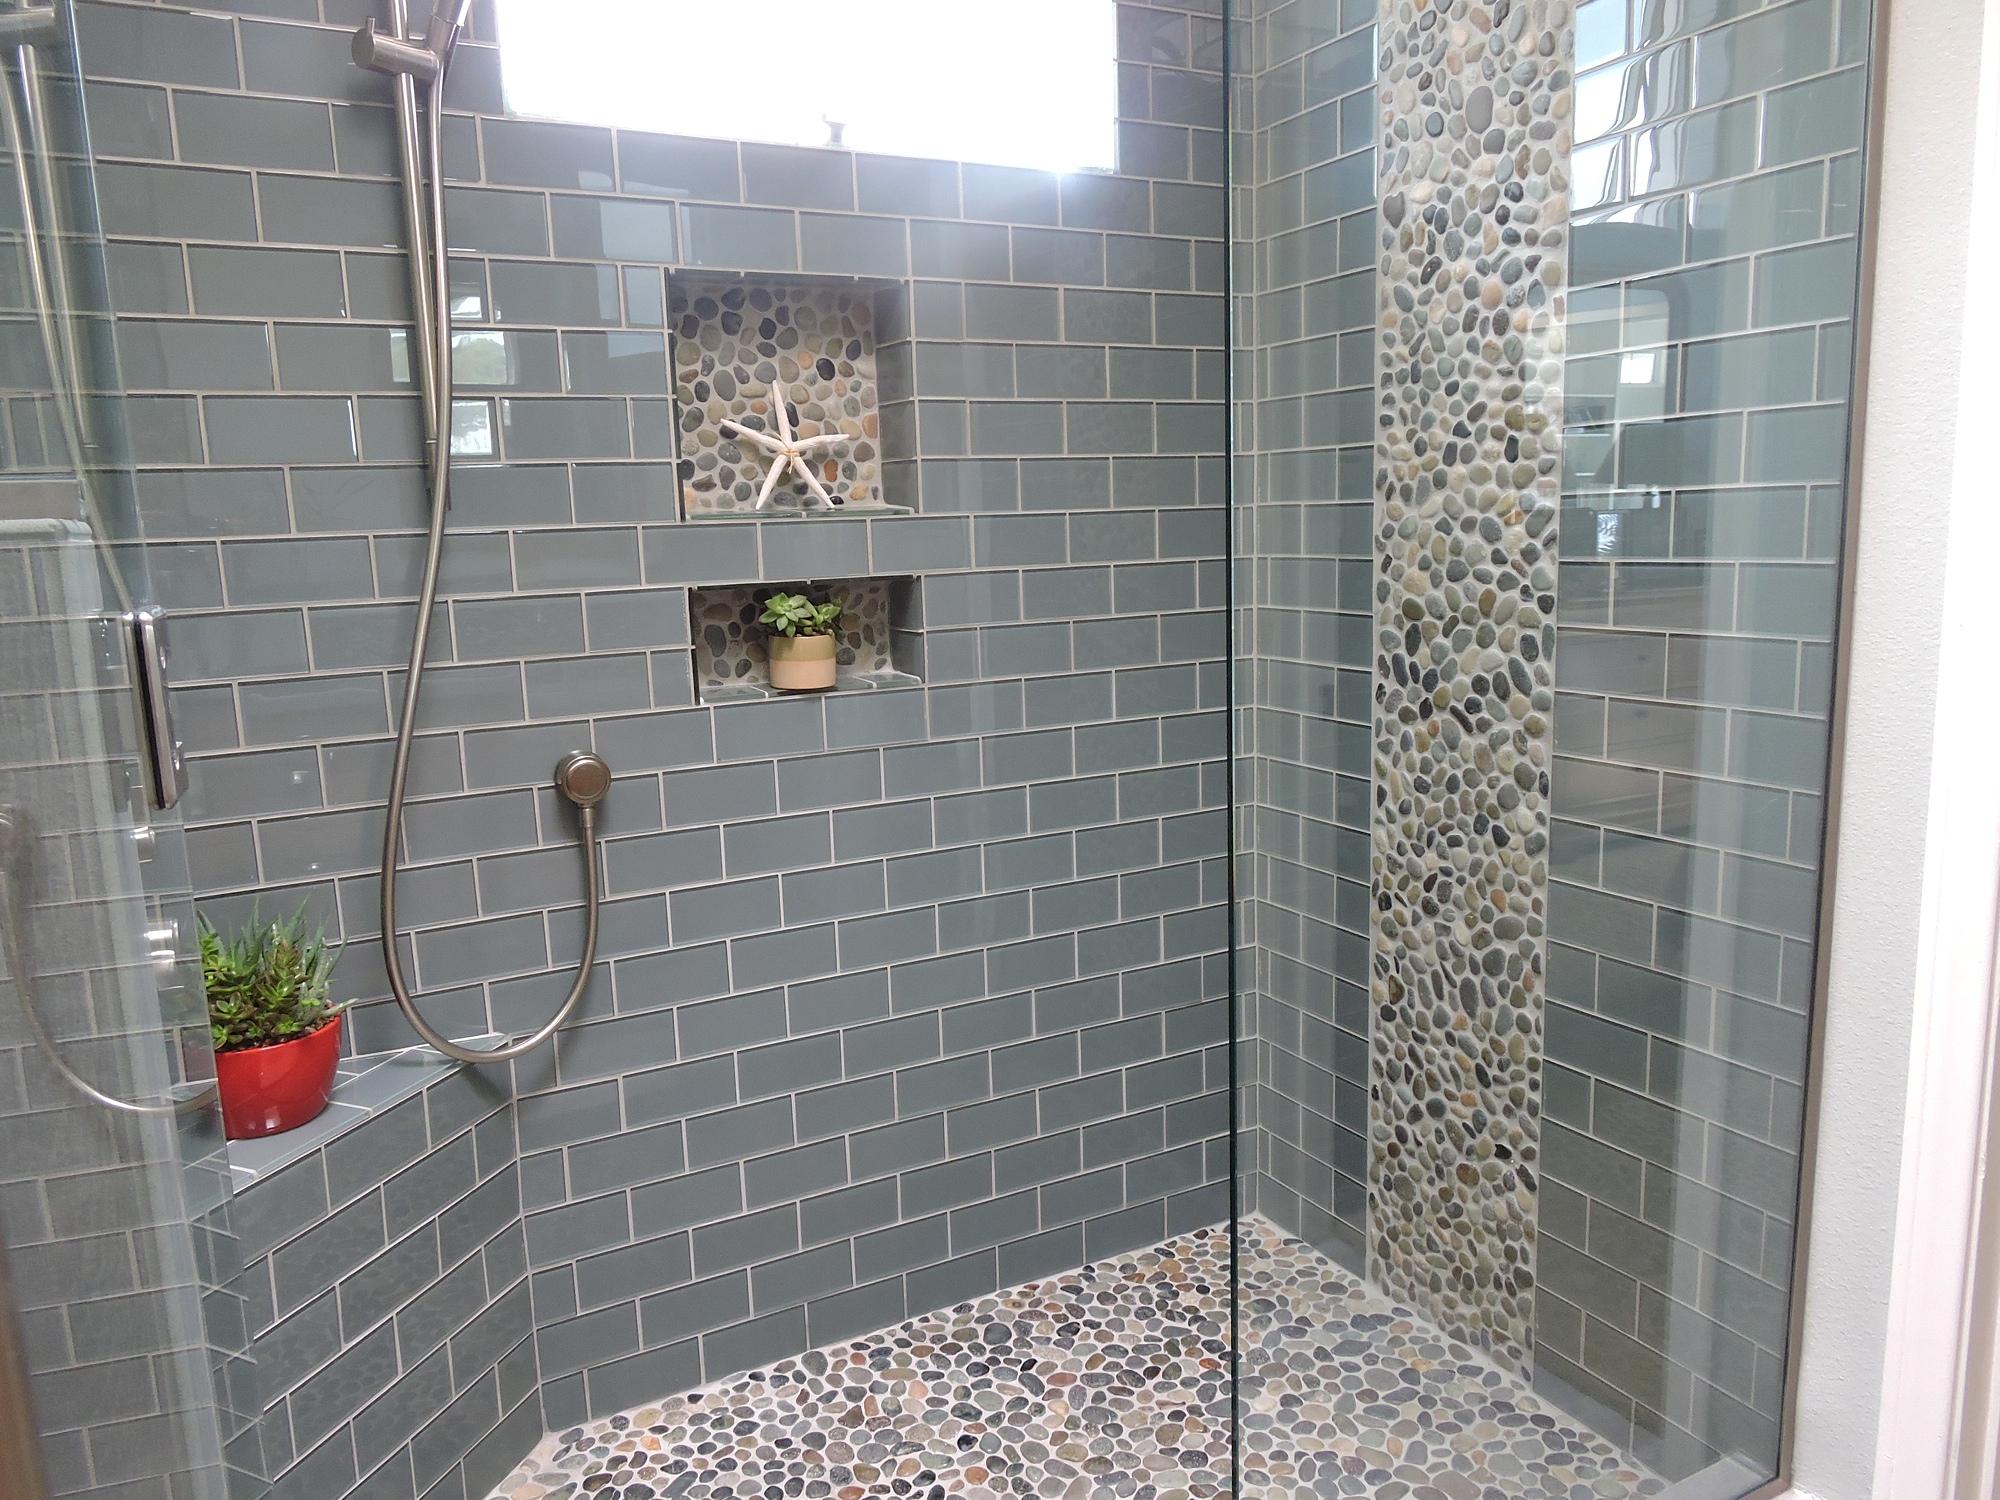 Pebble Floor Tile pebble grey floor tiles in a bathroom Bali Ocean Pebble Tile Shower Floor With Accents